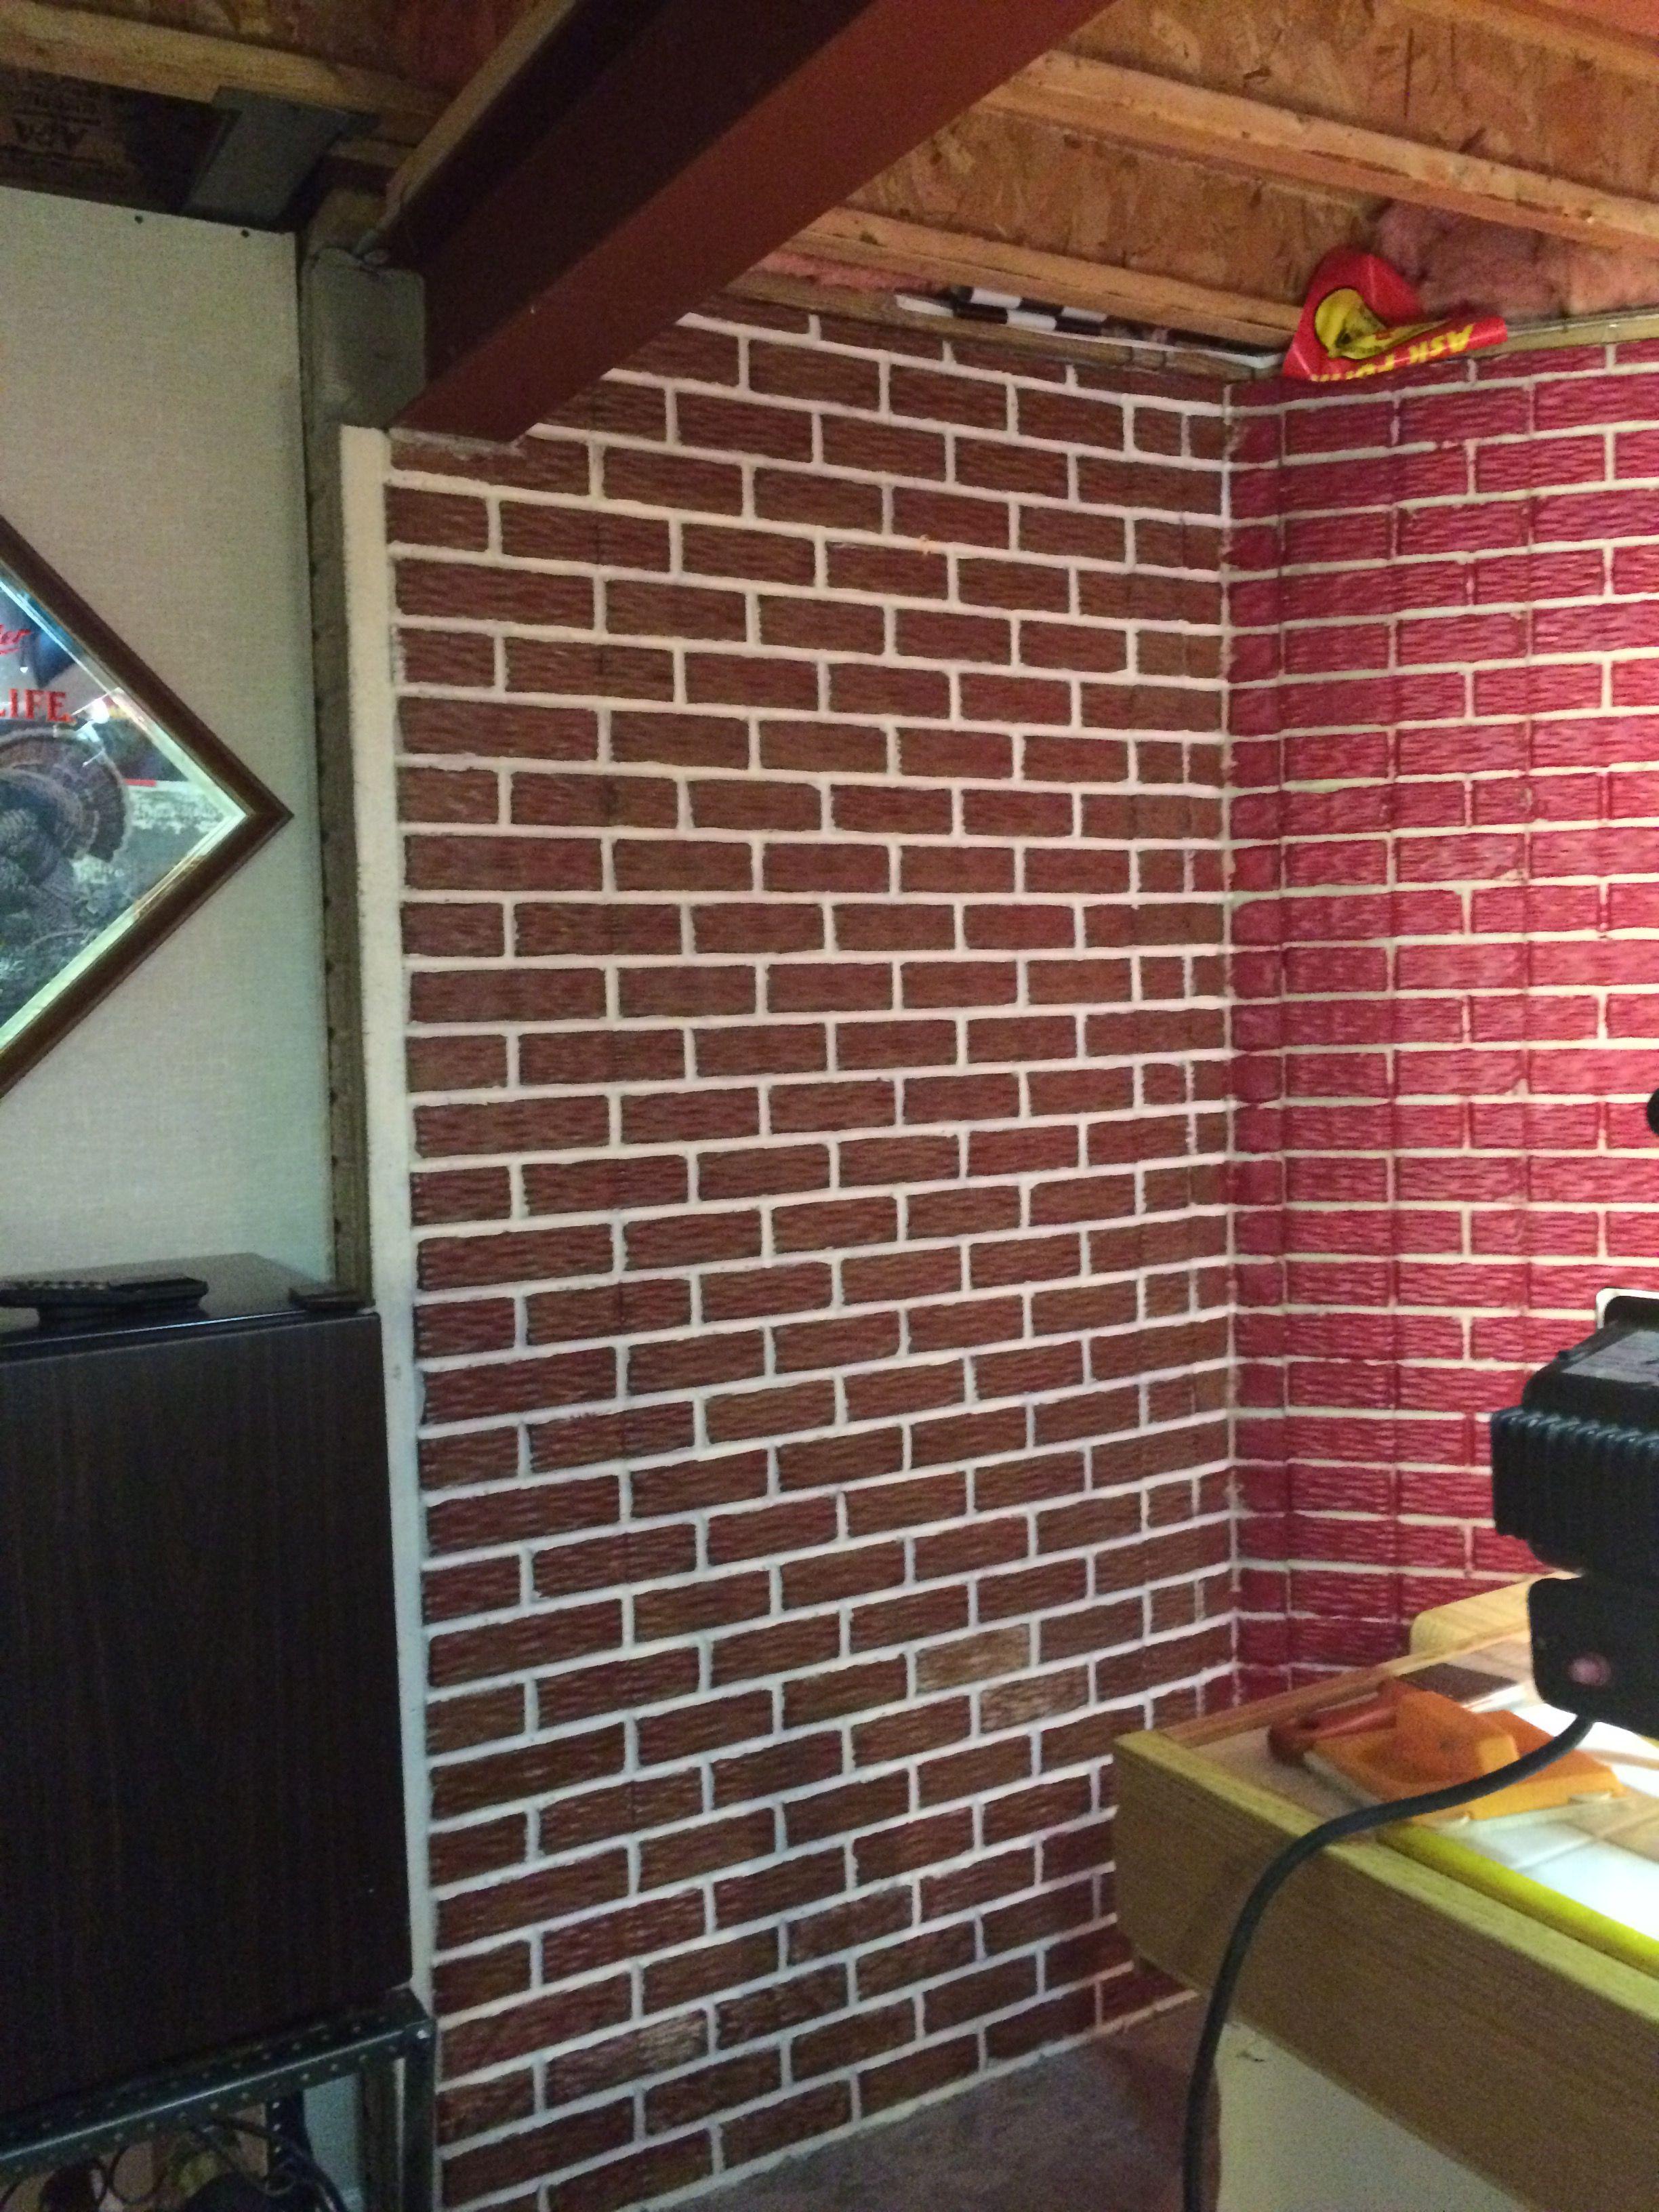 Painting Poured Concrete Basement Walls Concrete Basement Walls Concrete Walls Diy Concrete Wall